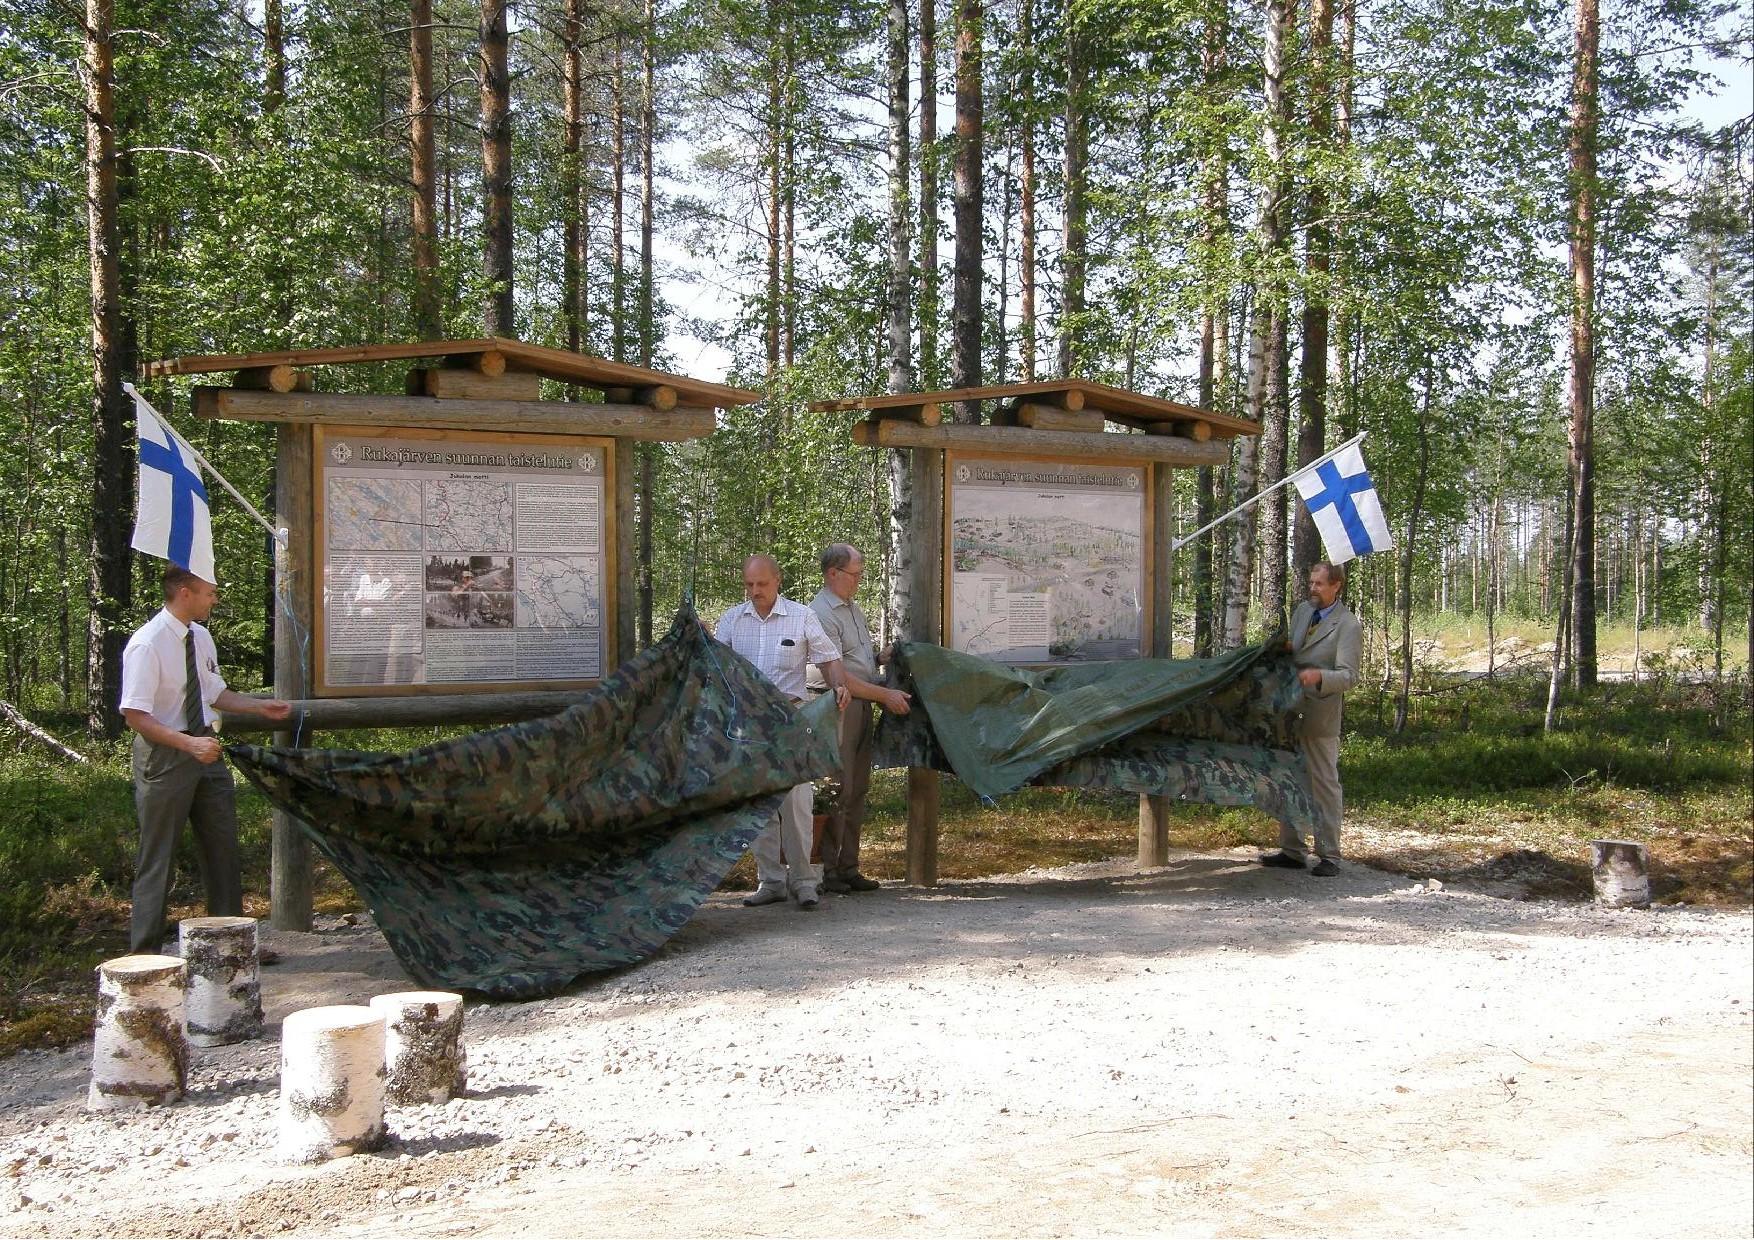 Jukolan motin opasteet on juuri paljastettu, vasemmalta, Leevi Kuokkanen, Pentti Kärkkäinen, Timo Laukkanen ja Antero Huttunen.